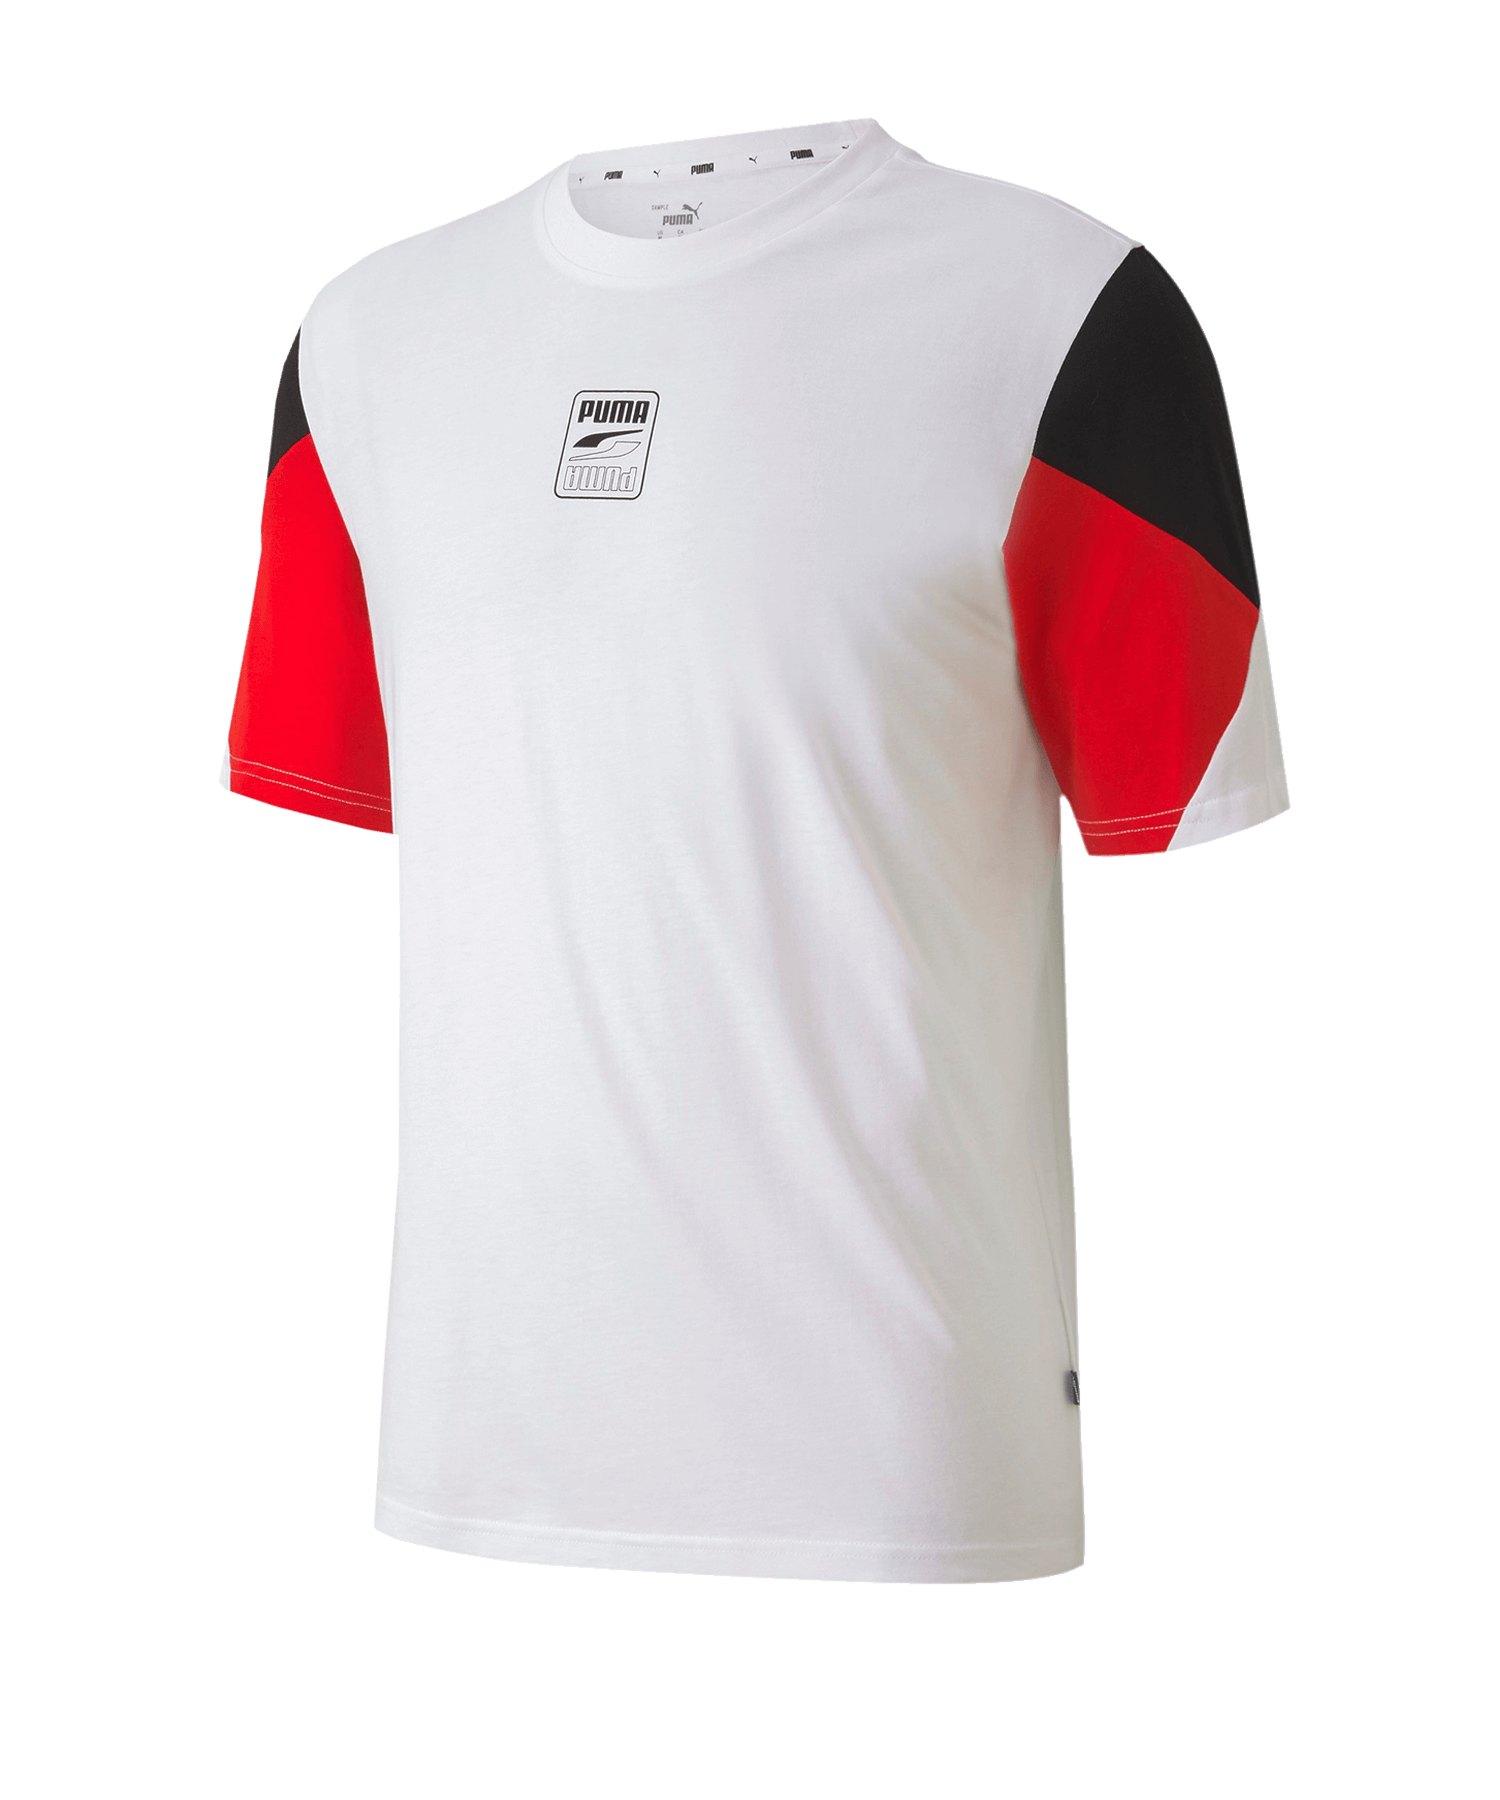 PUMA Rebel Advanced Tee T-Shirt Weiss F02 - weiss